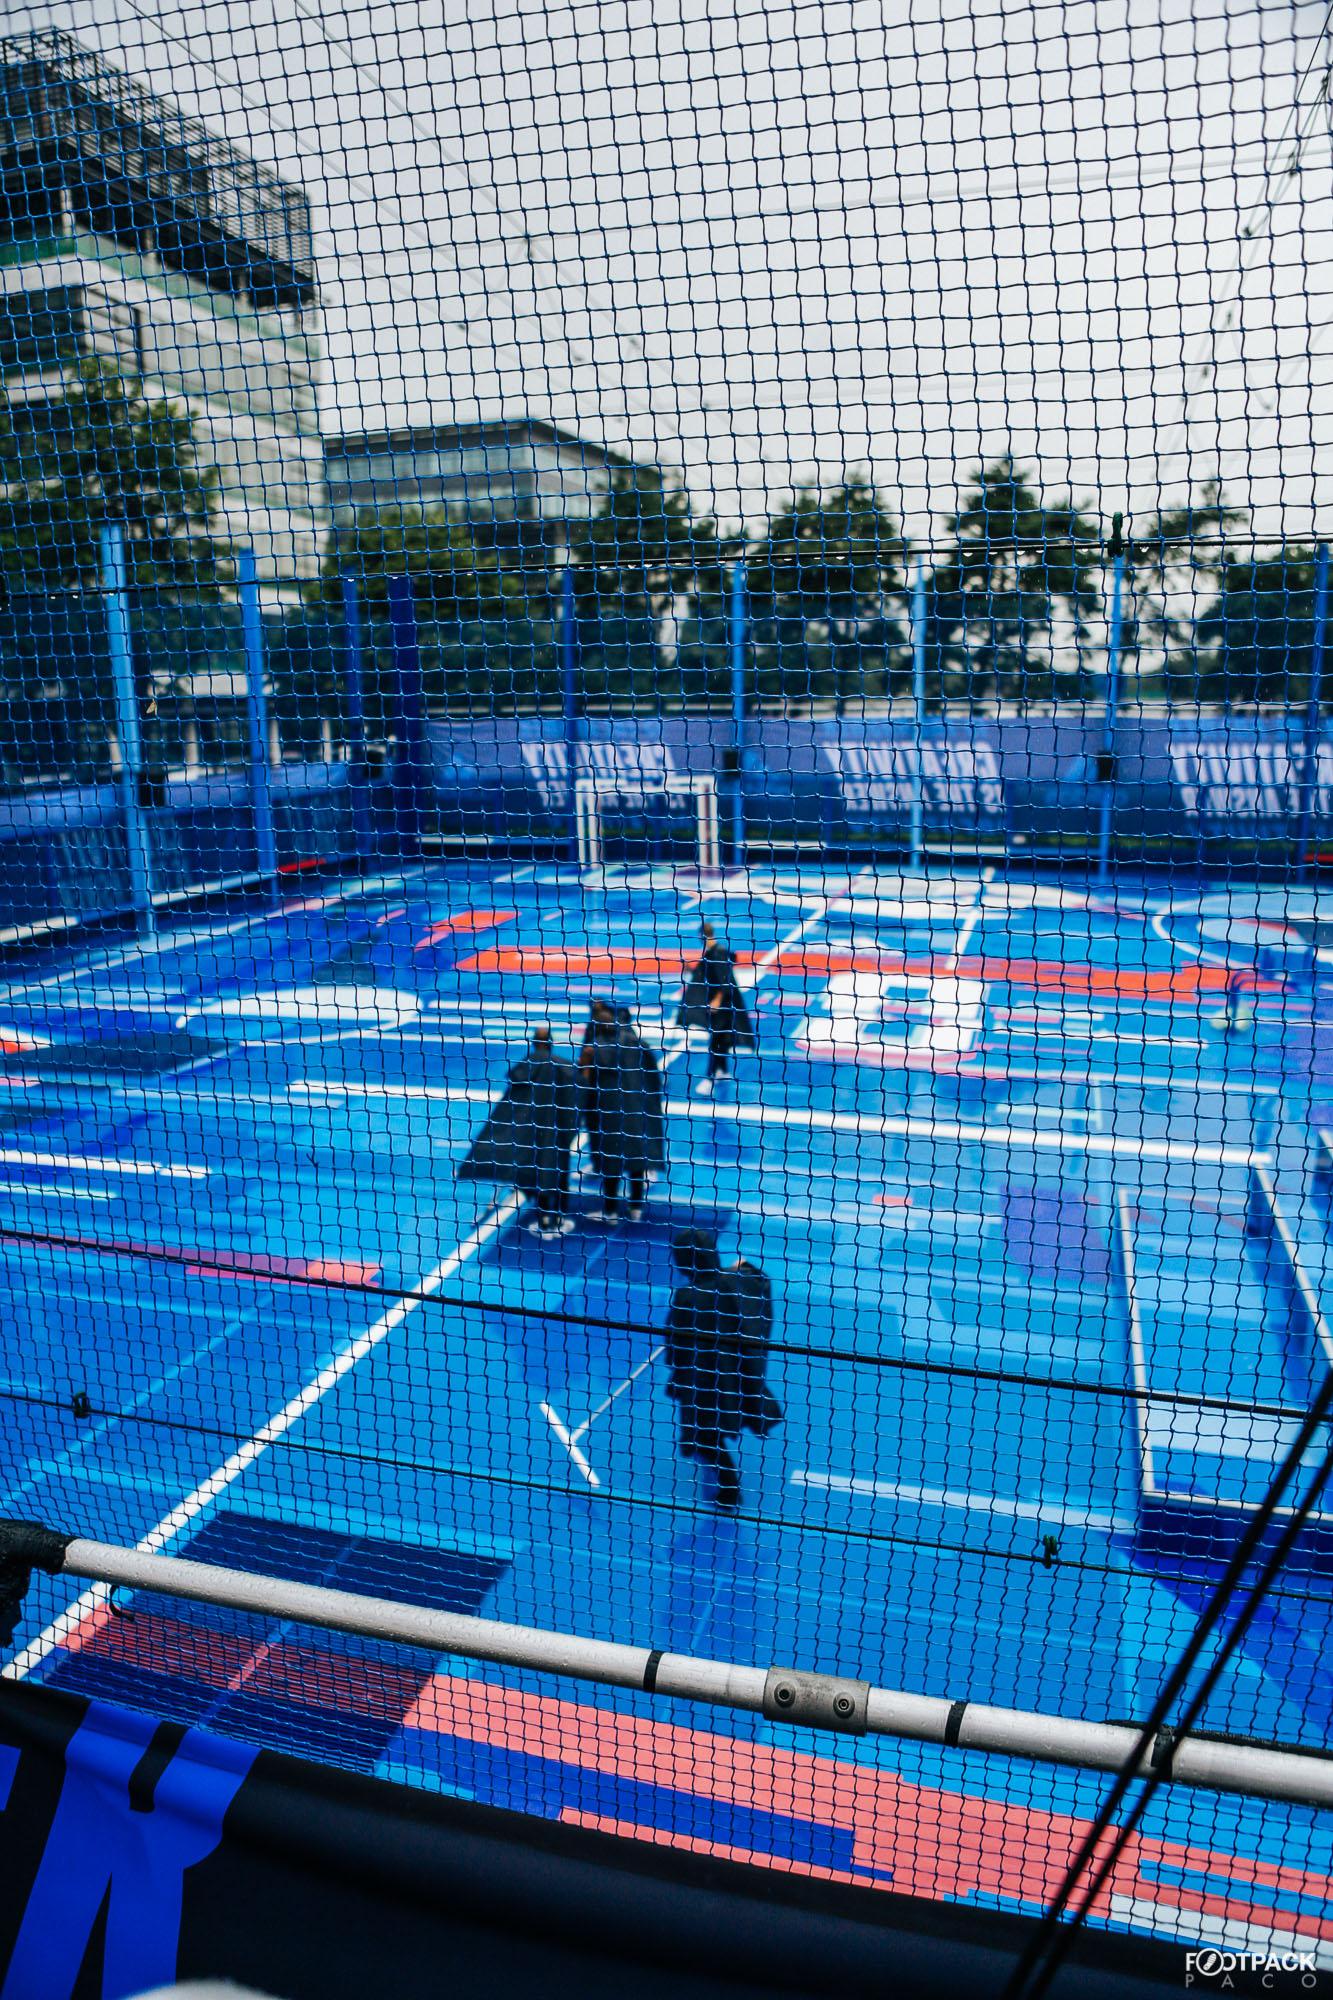 Terrain Zidane playground